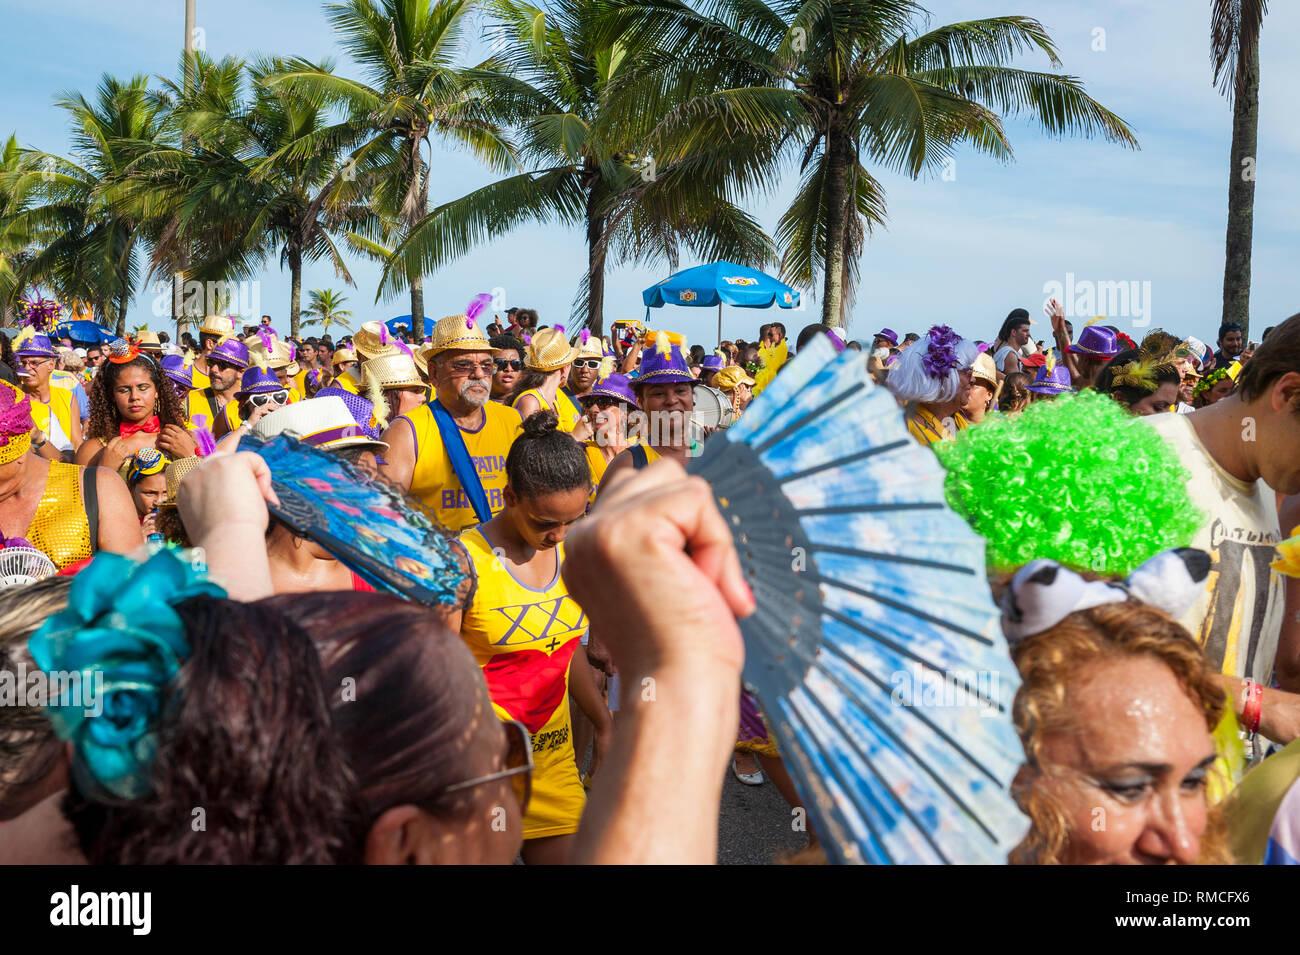 RIO DE JANEIRO - Febrero 07, 2016: Los brasileños celebran la simpatia e quase Amor Carnaval fiesta en la calle en una soleada tarde de verano en Ipanema. Imagen De Stock